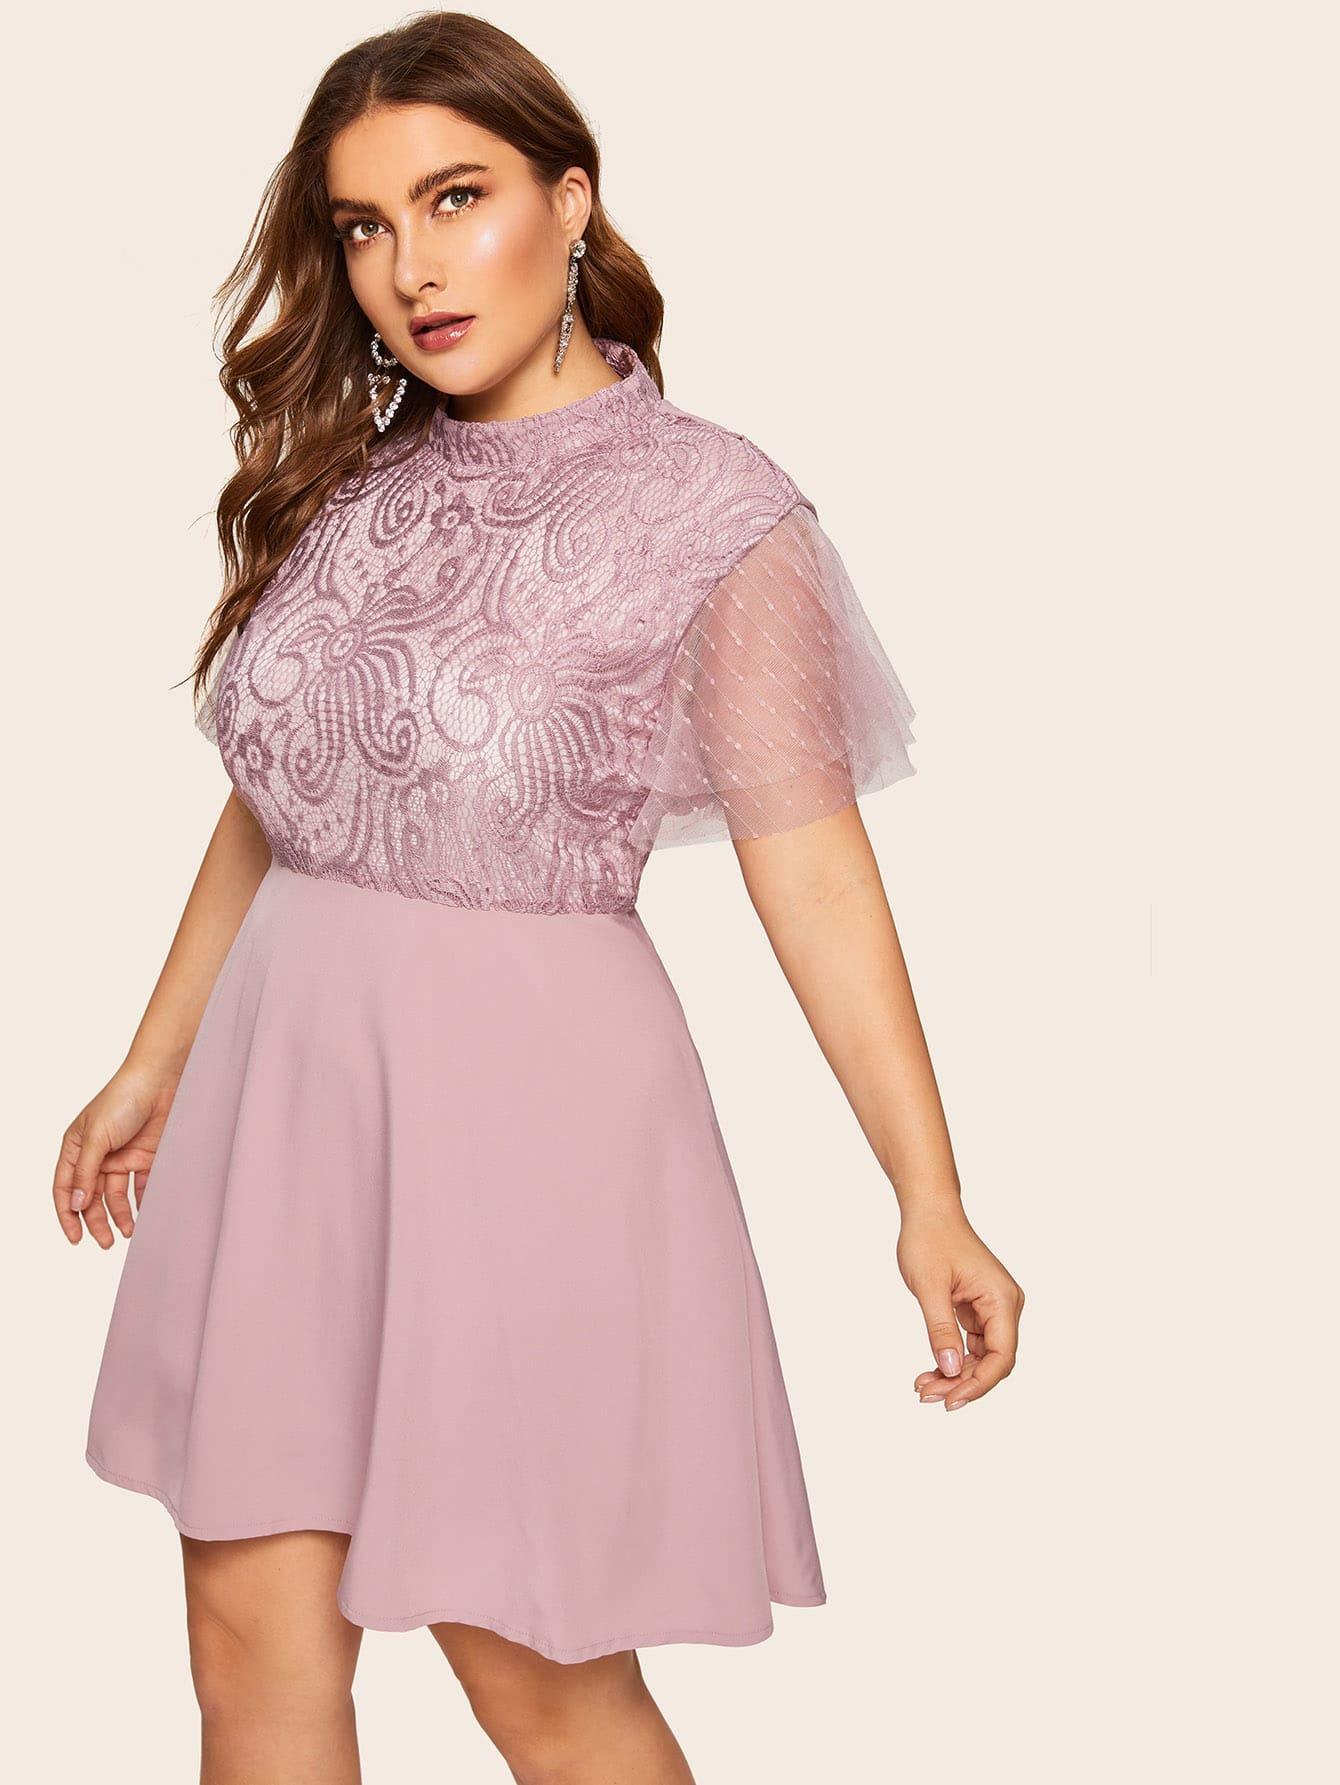 Размера плюс однотонное платье с контрастными кружевами